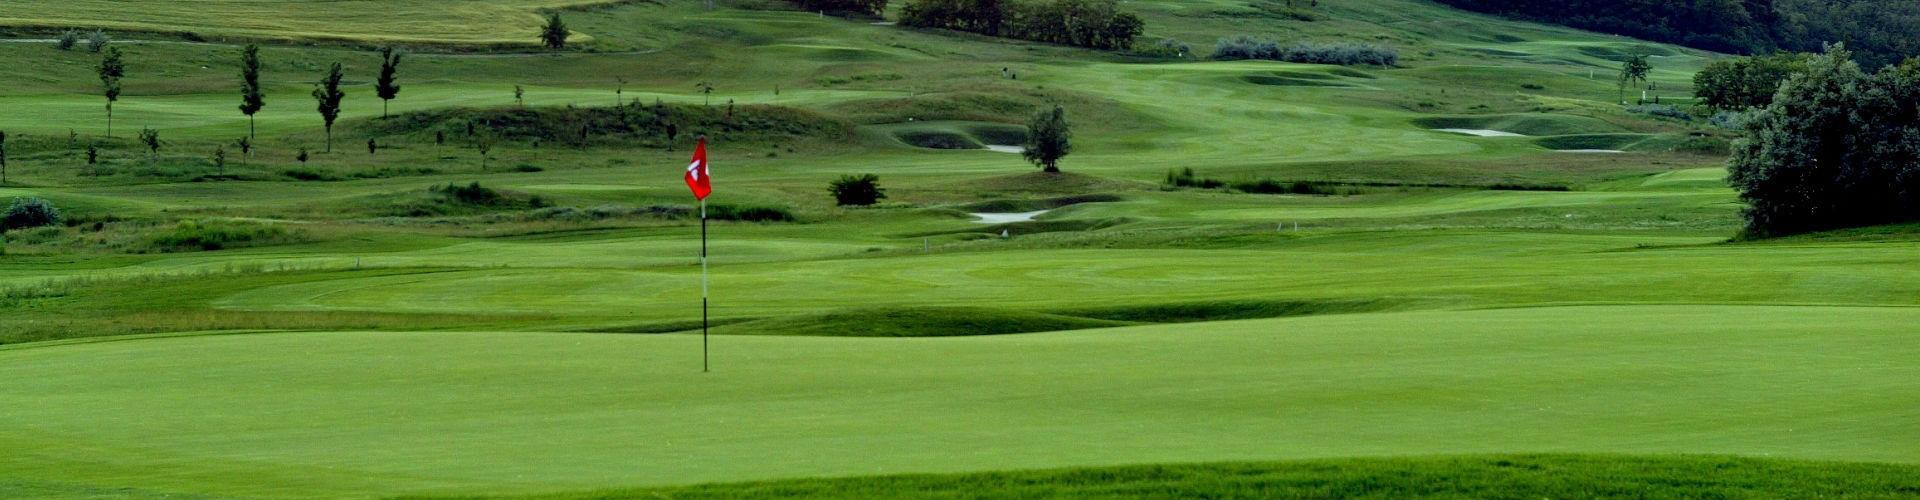 Golfresor Ungern - golfreseguiden.se